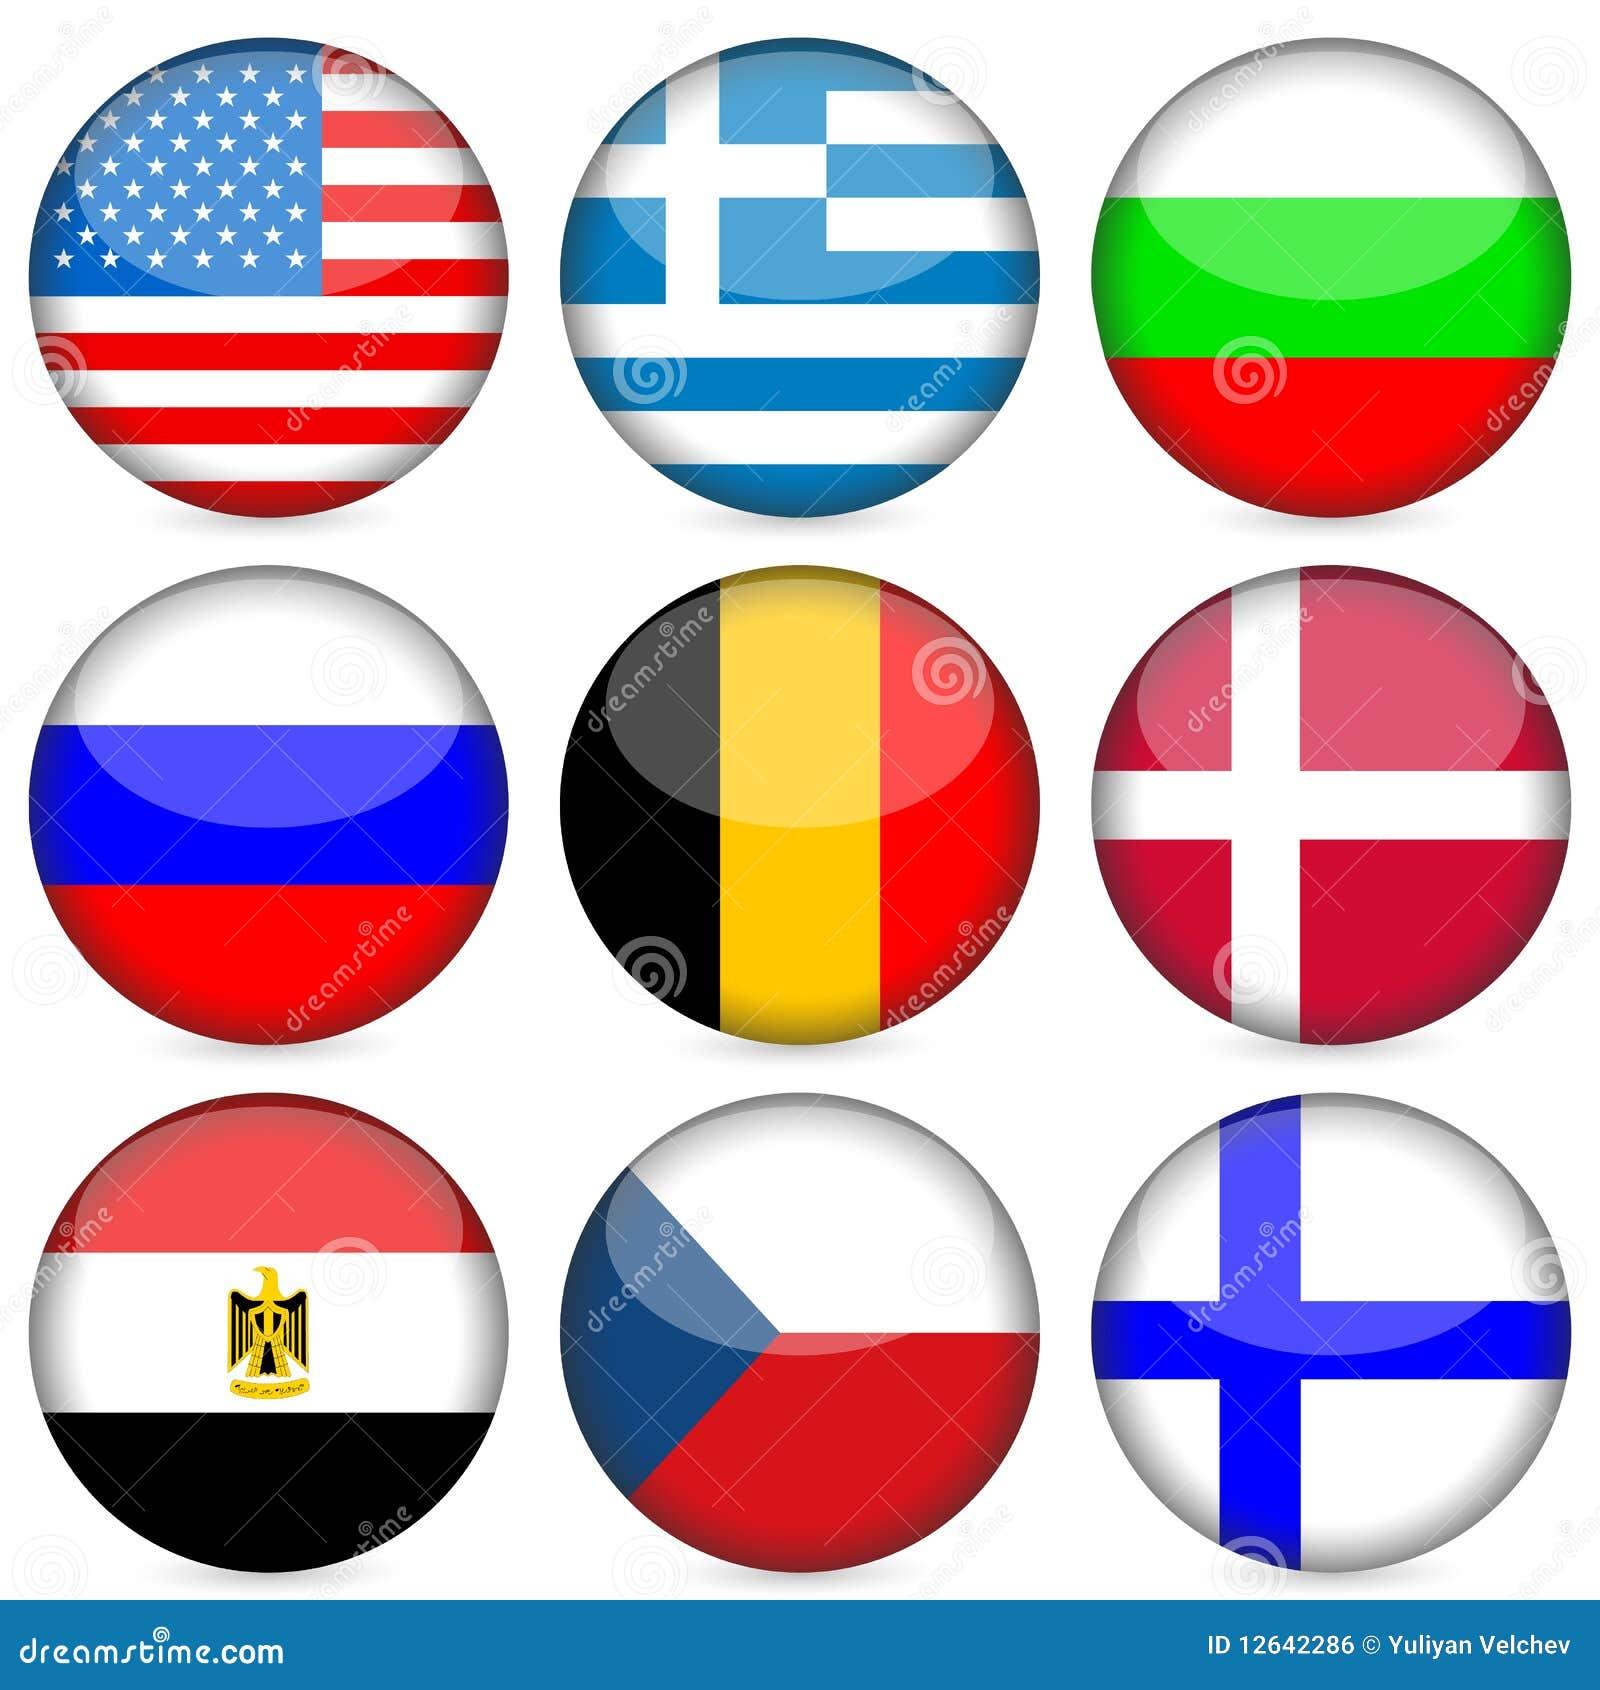 National Flag Icon Set Royalty Free Stock Image - Image: 12642286